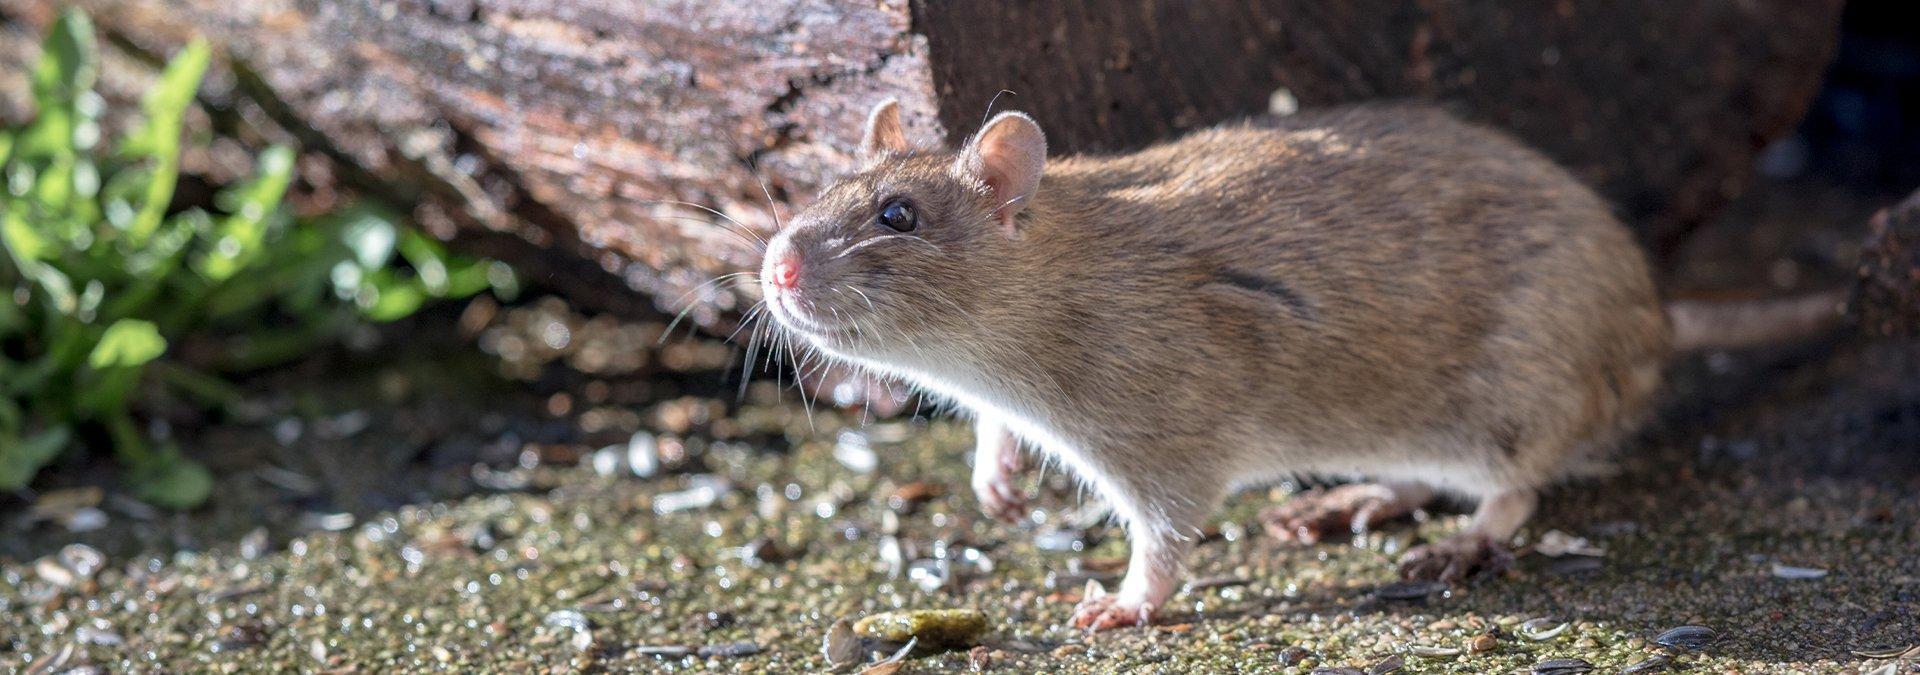 norway rat on the ground